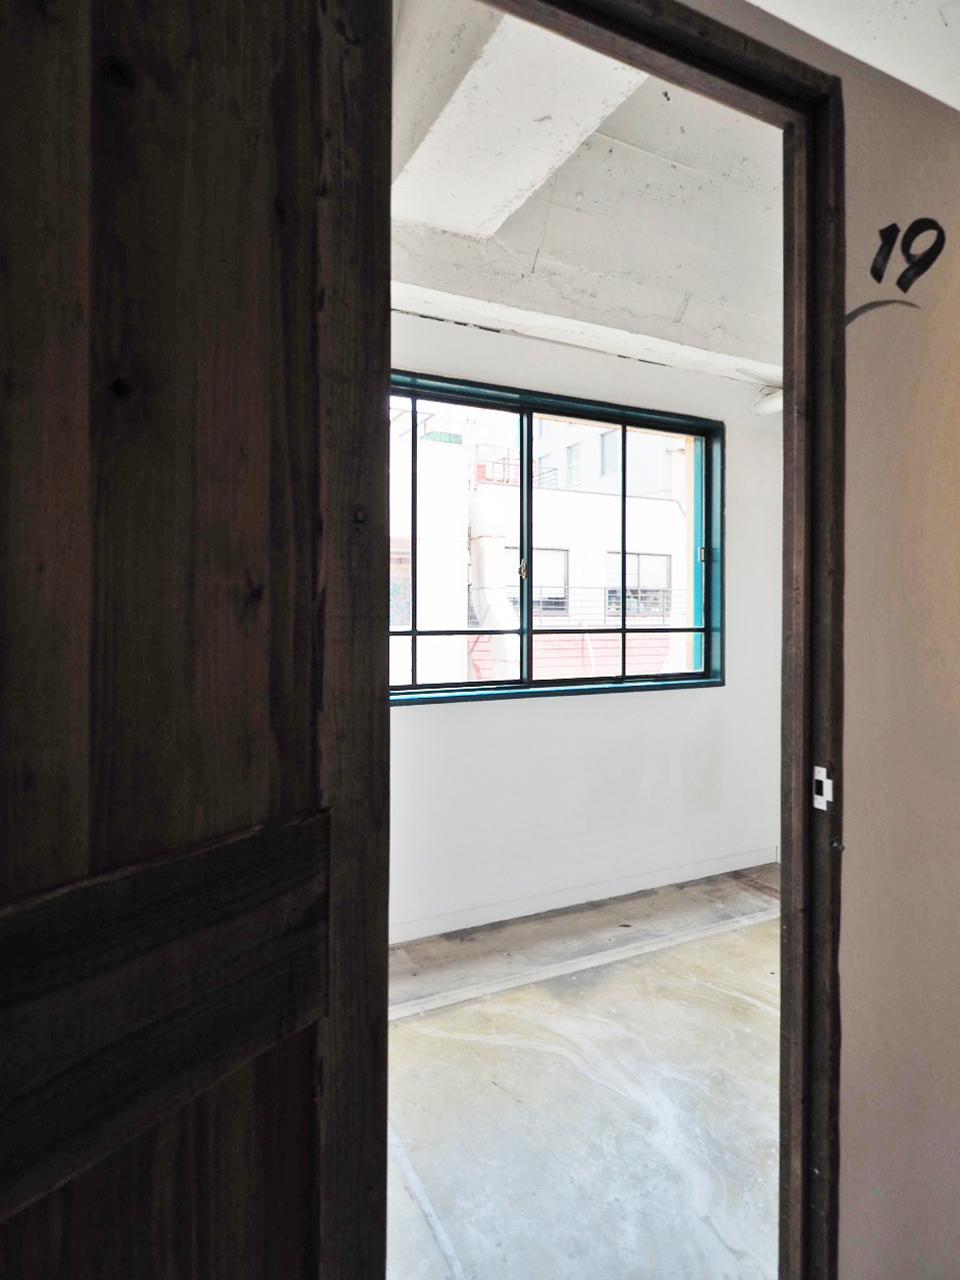 016〜021の個室は南向きの窓付き